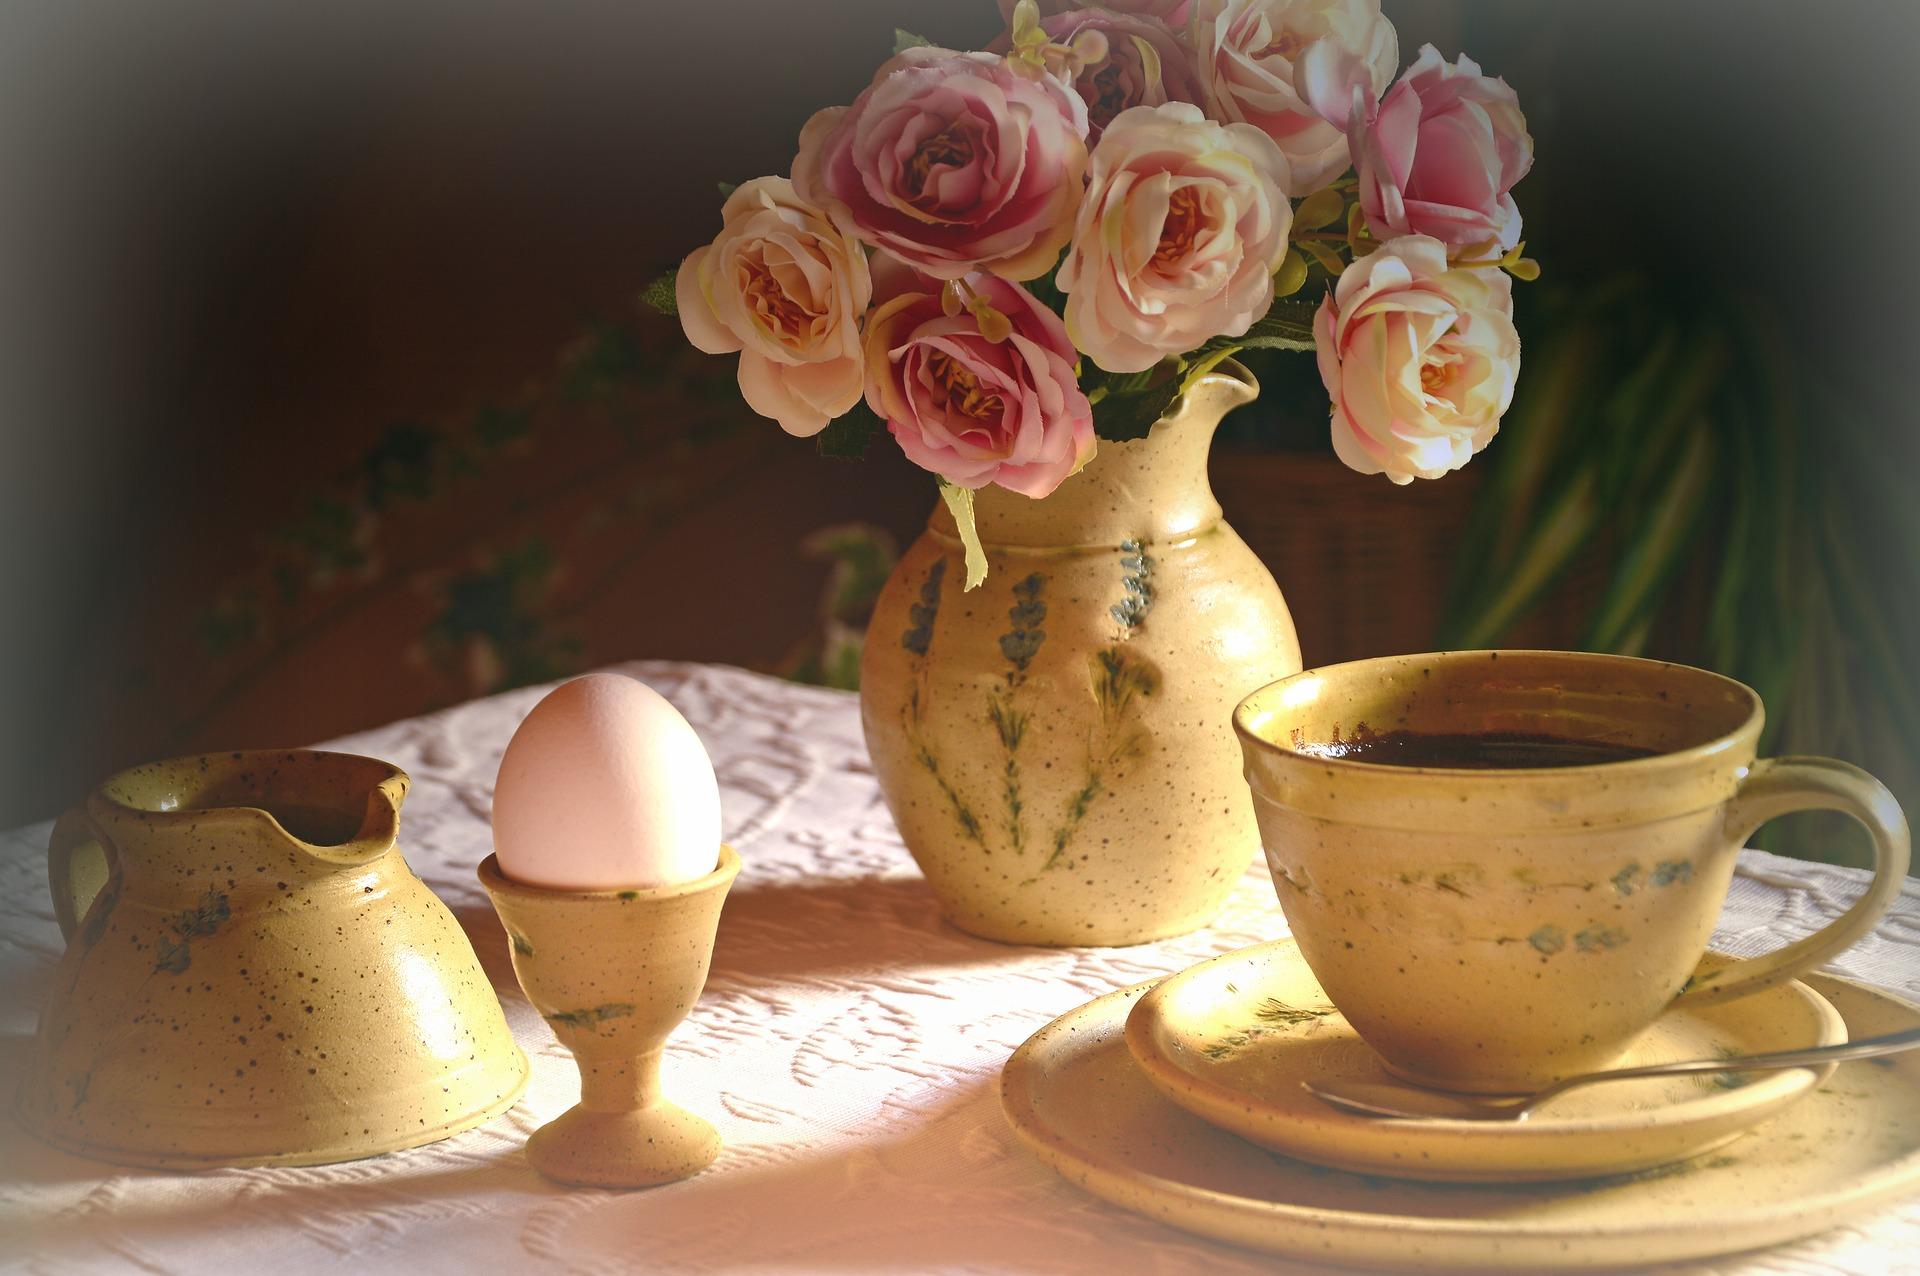 breakfast-table-3960761_1920